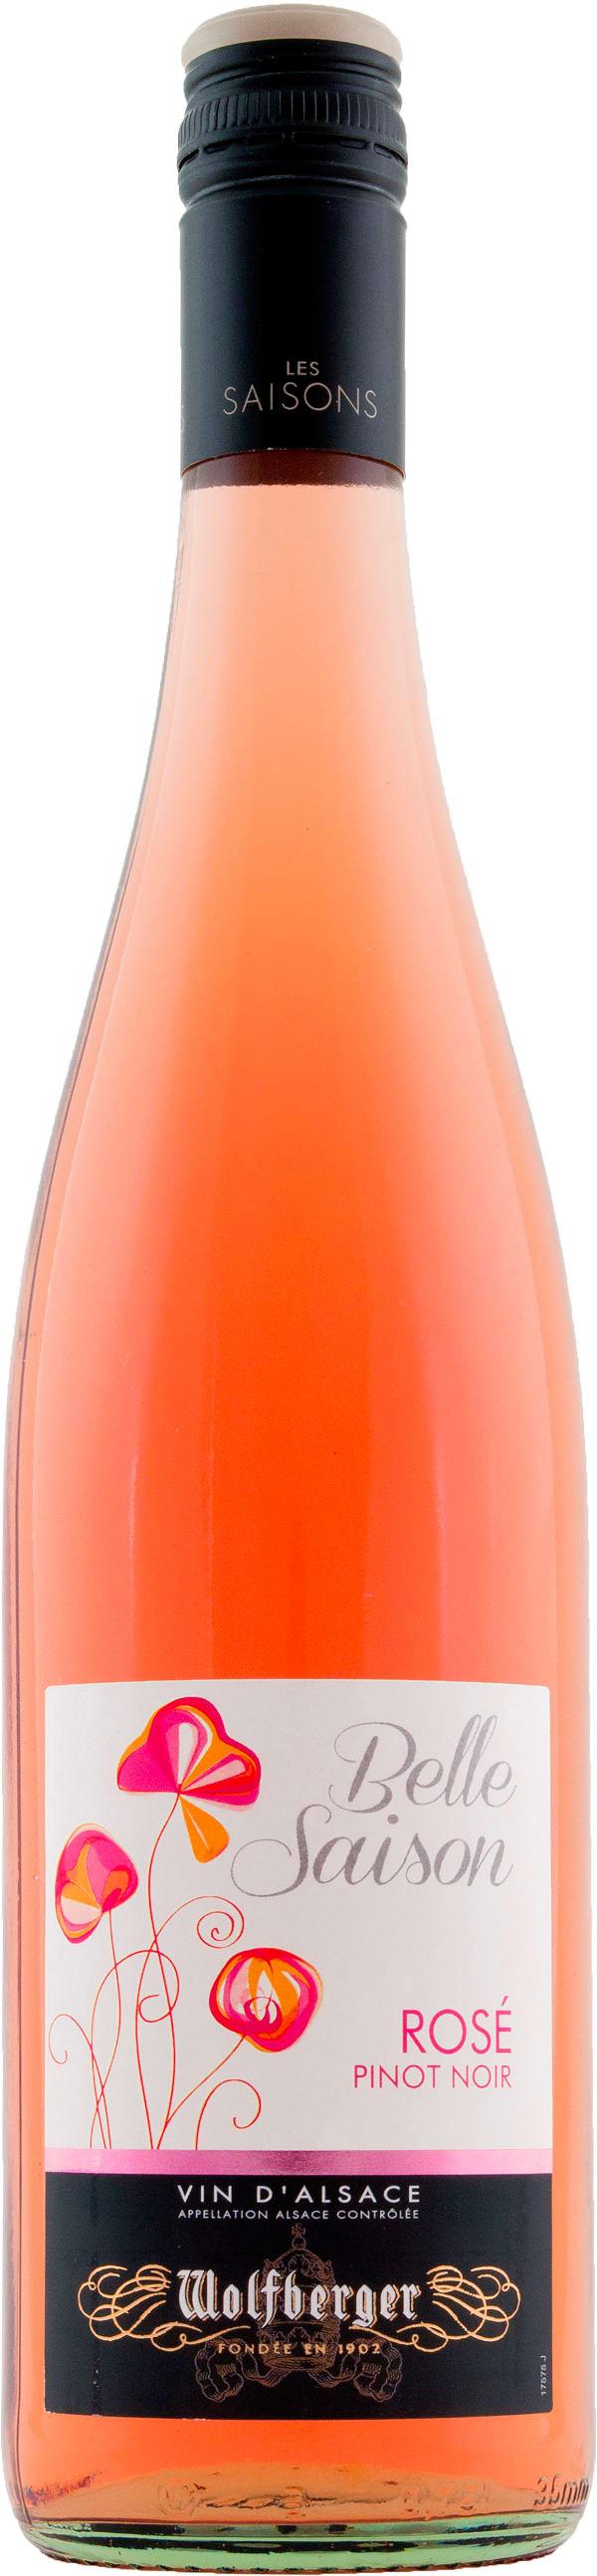 Wolfberger Belle Saison Rosé Pinot Noir